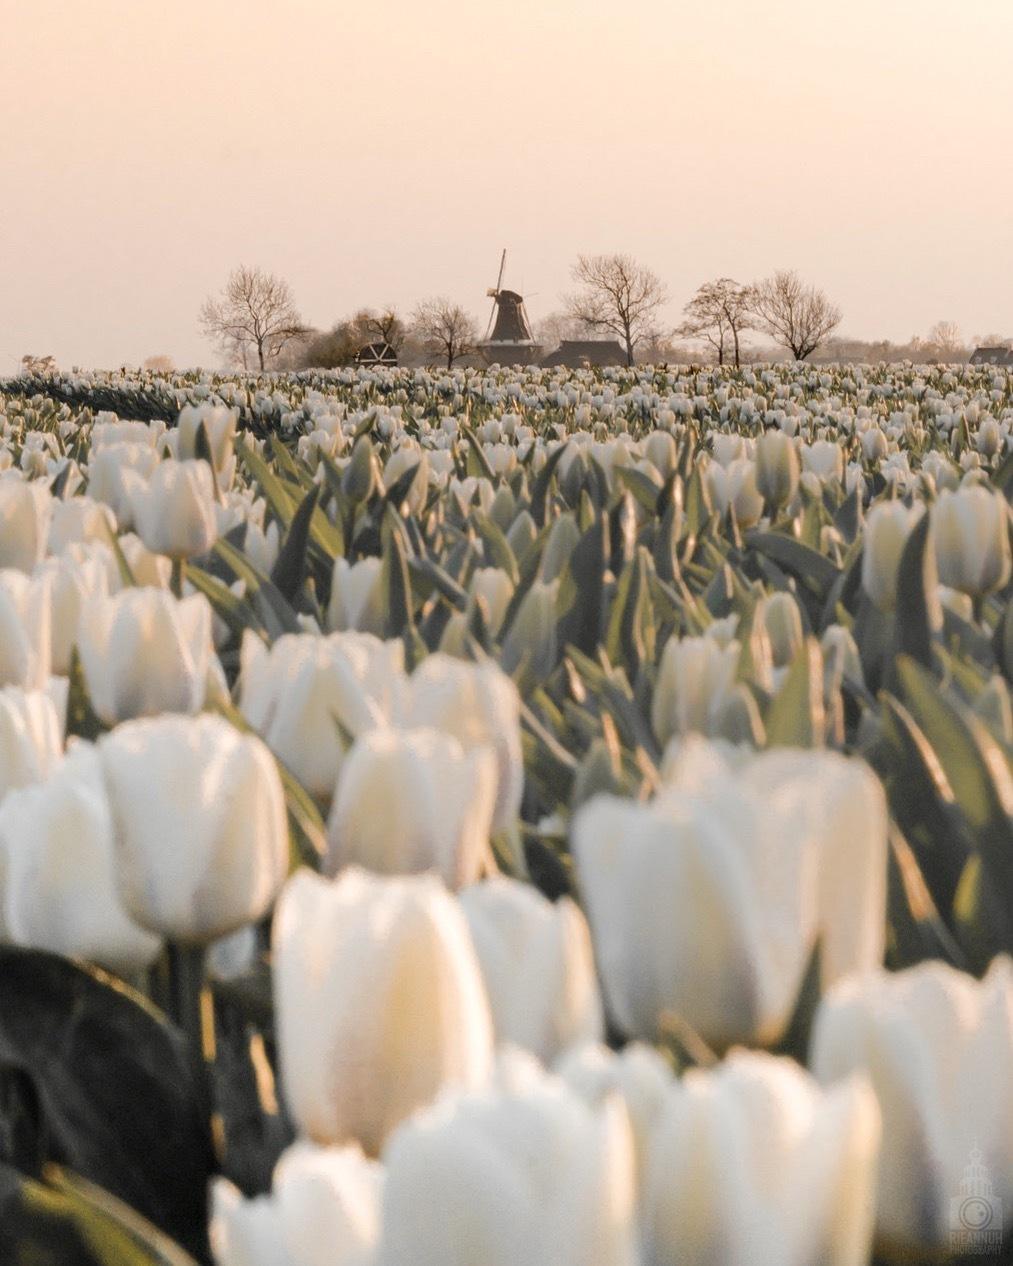 Tulpenveld - Tulpenvelden in Groningen - foto door Rieannuh op 22-04-2019 - deze foto bevat: wit, zon, tulpen, natuur, licht, avond, zonsondergang, bos, holland, nederland, pasen, tulpenveld, april